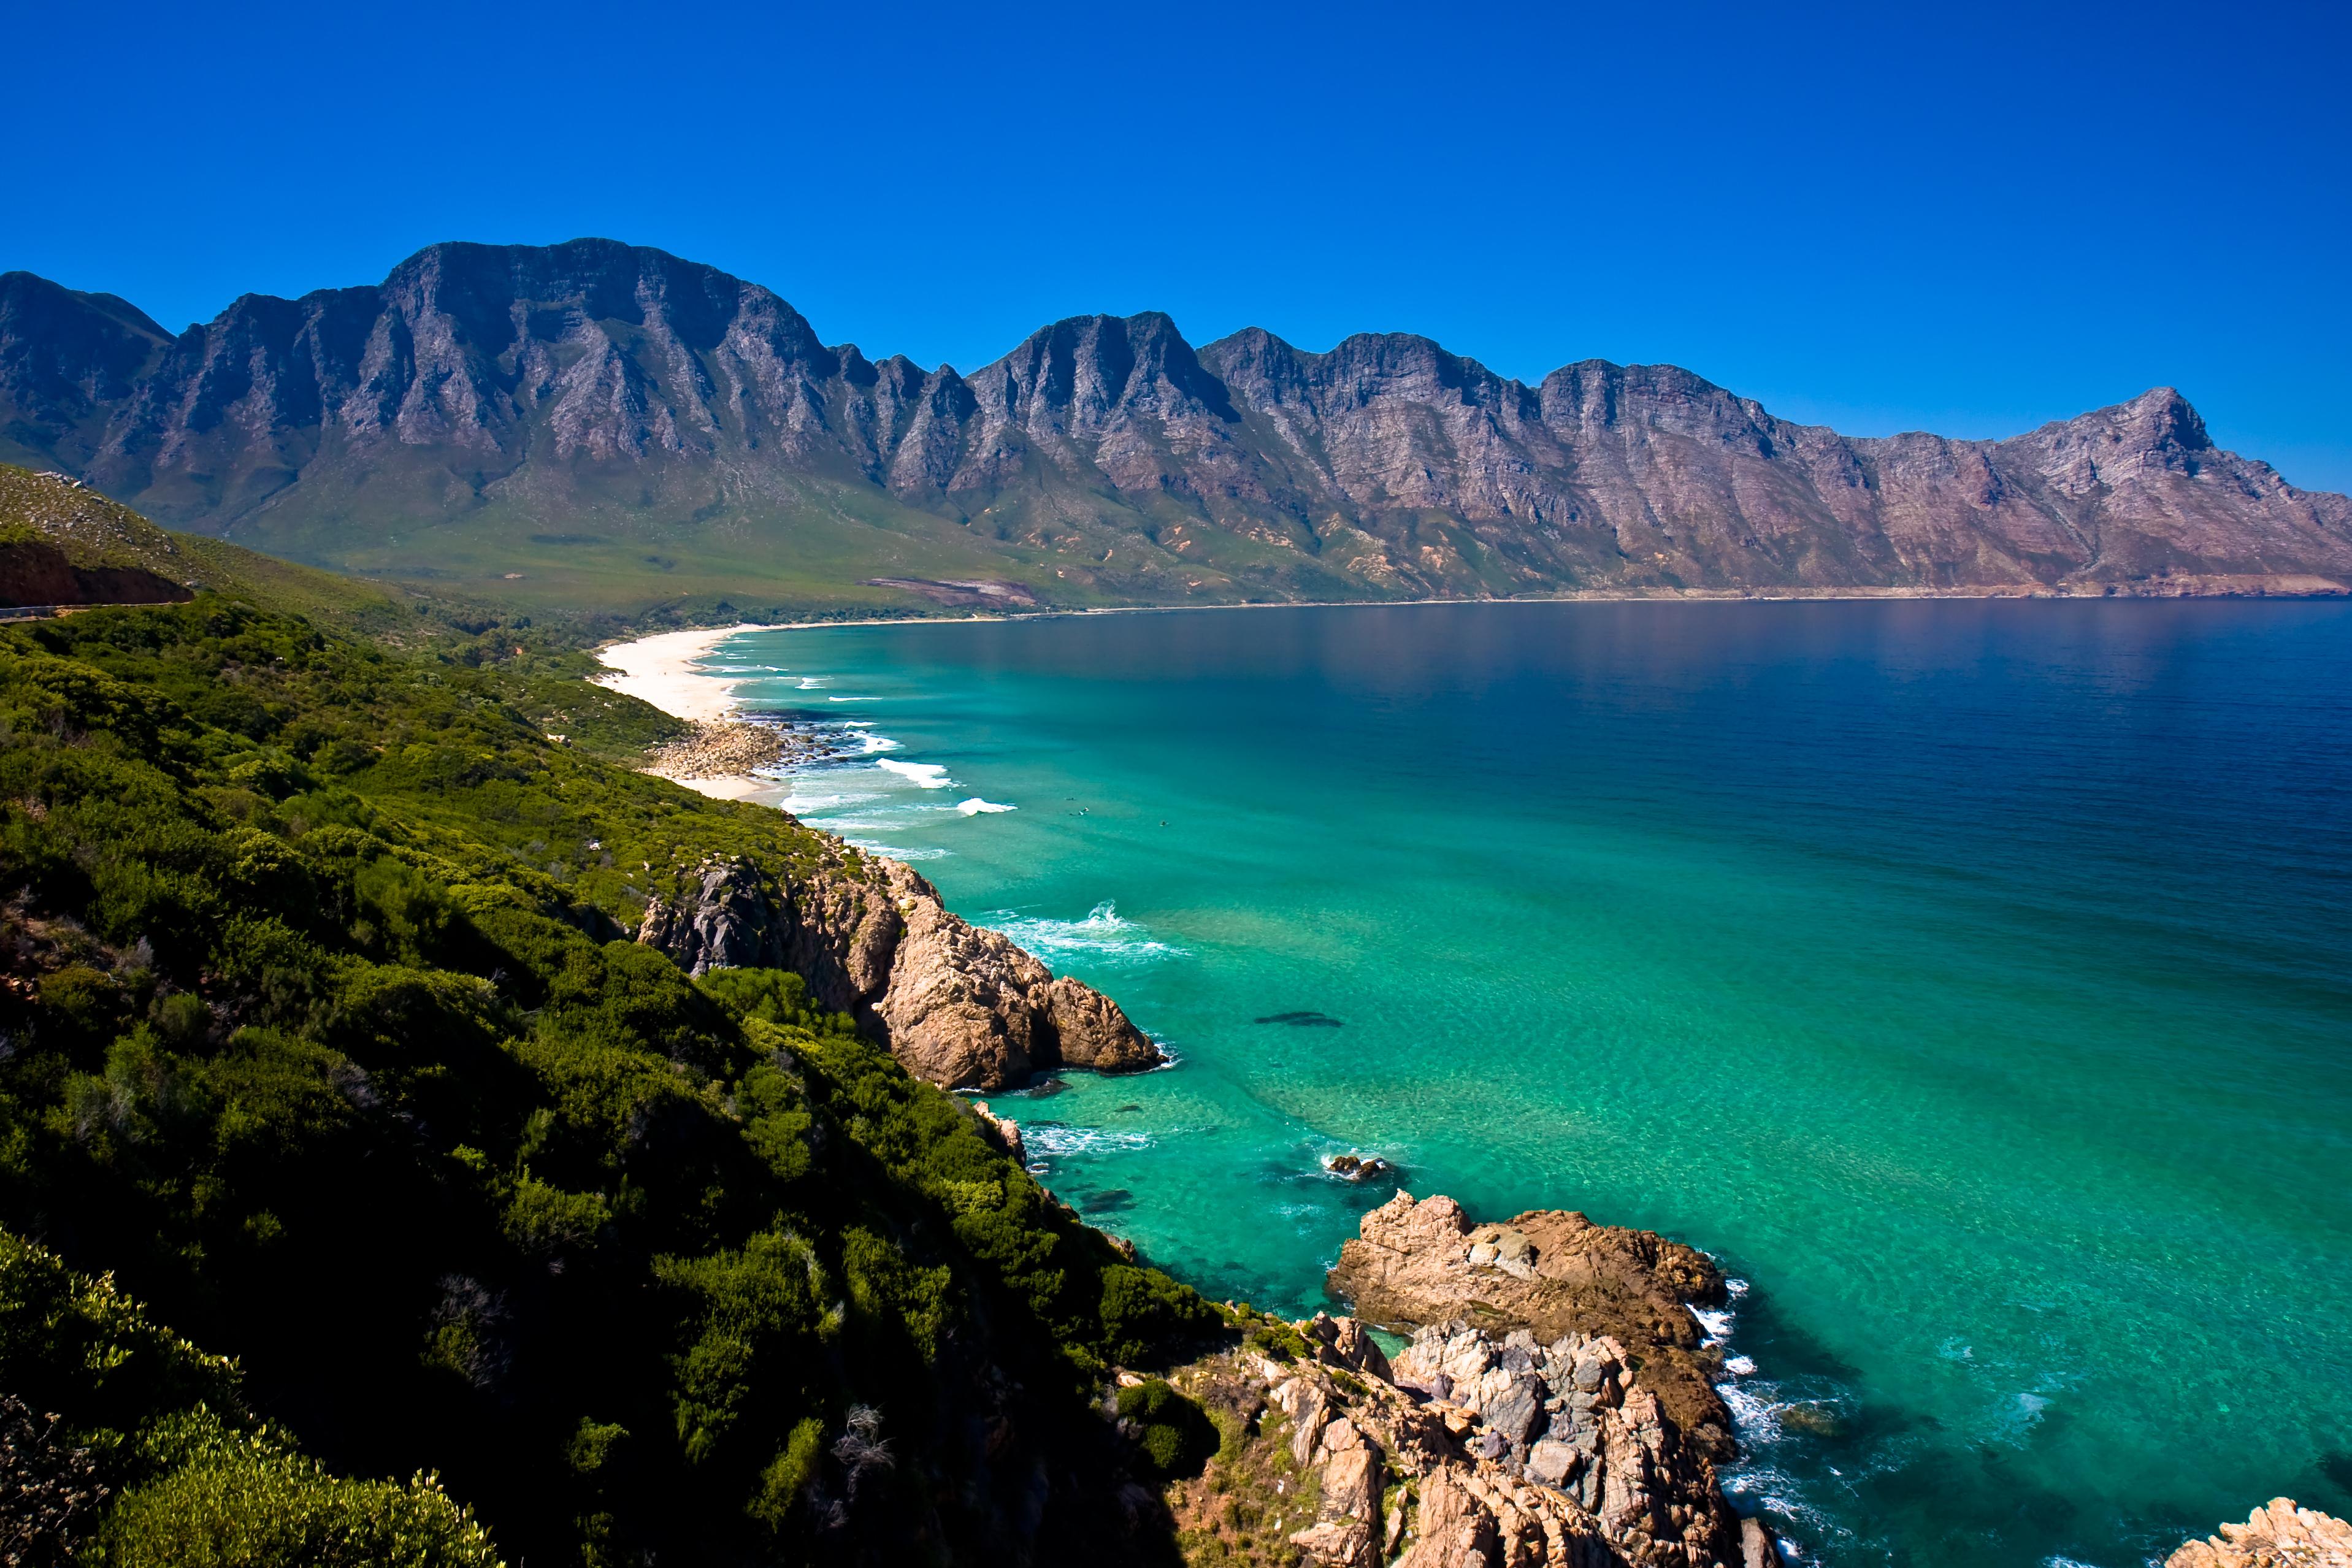 Cape Town 4k